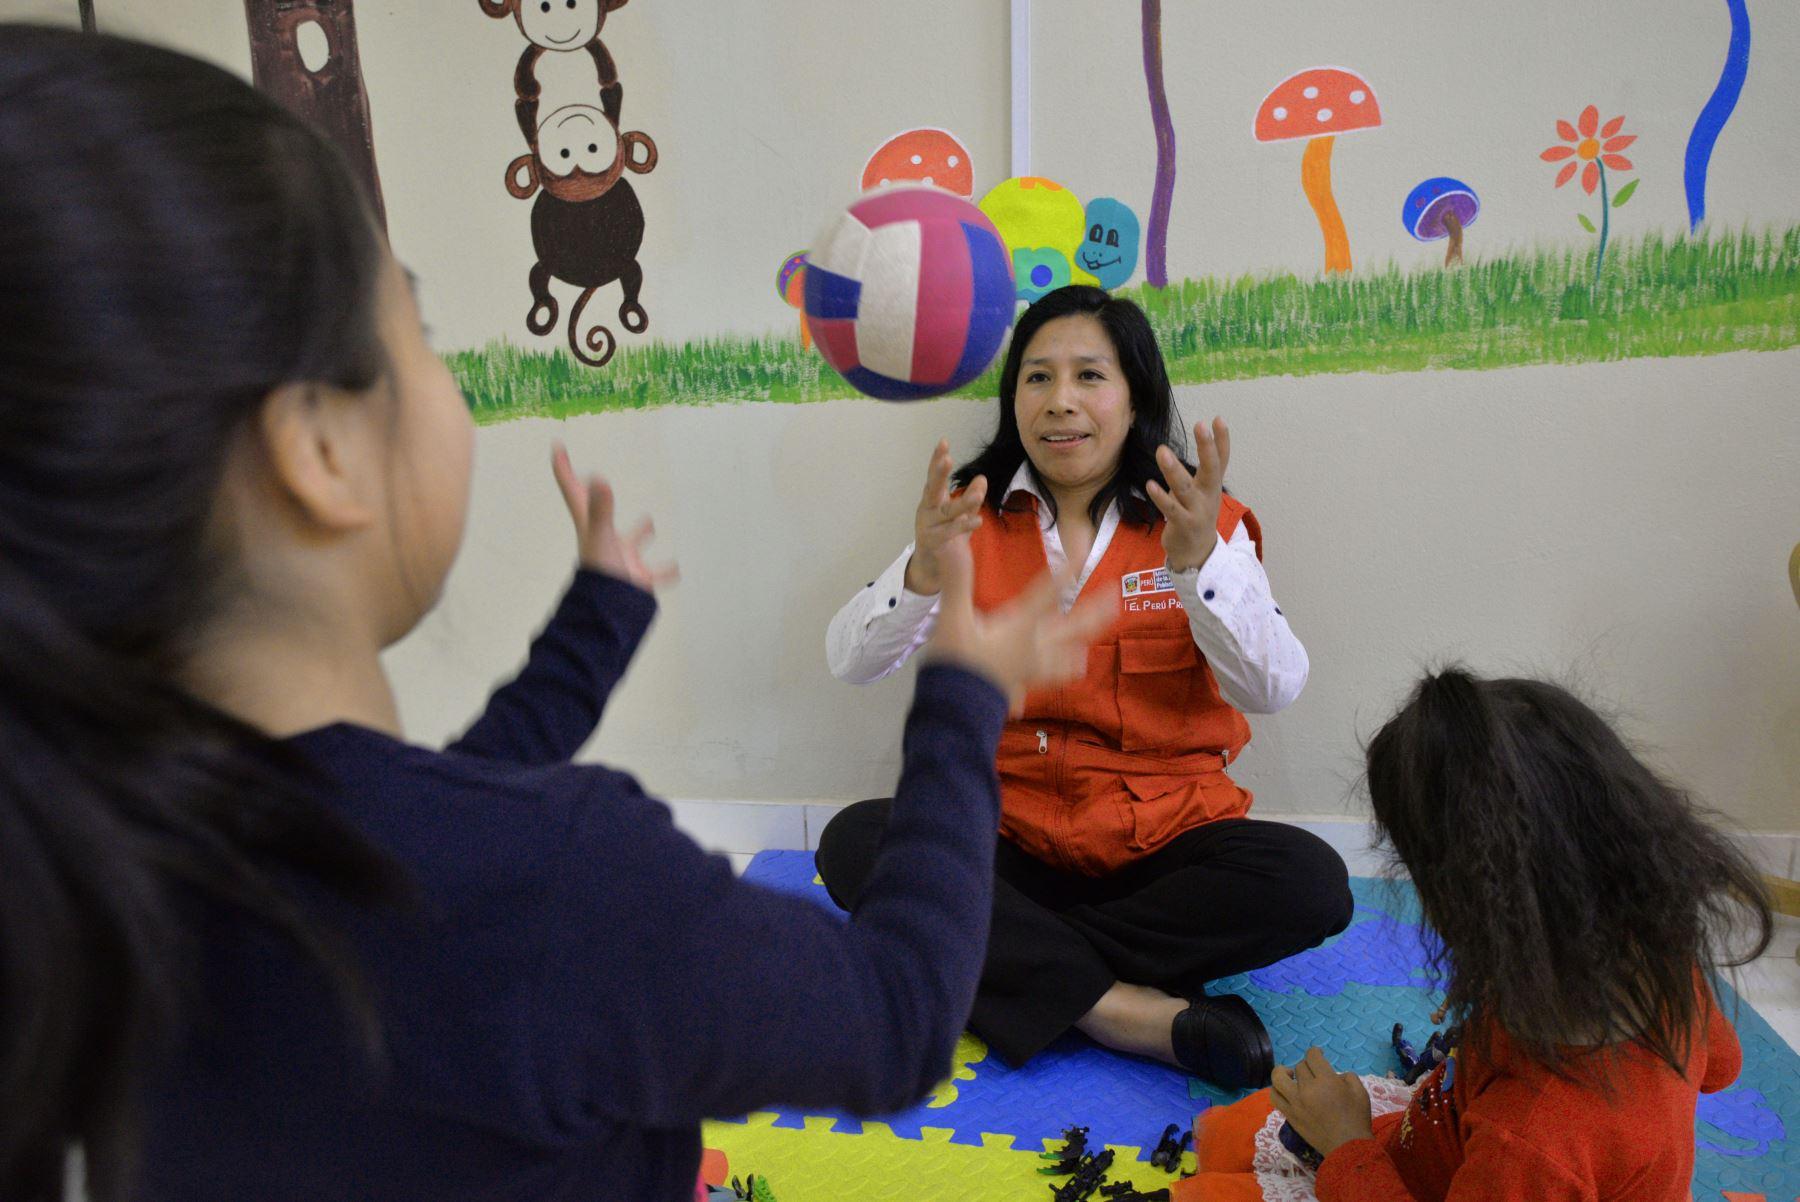 La ministra de la Mujer y Poblaciones Vulnerables (MIMP) Ana María Mendieta, inauguró esta mañana, la Unidad de Protección Especial (UPE) de Ayacucho, la misma que atenderá a las niñas, niños y adolescentes sin cuidados parentales o en riesgo de perderlos. Foto: ANDINA/MIMP